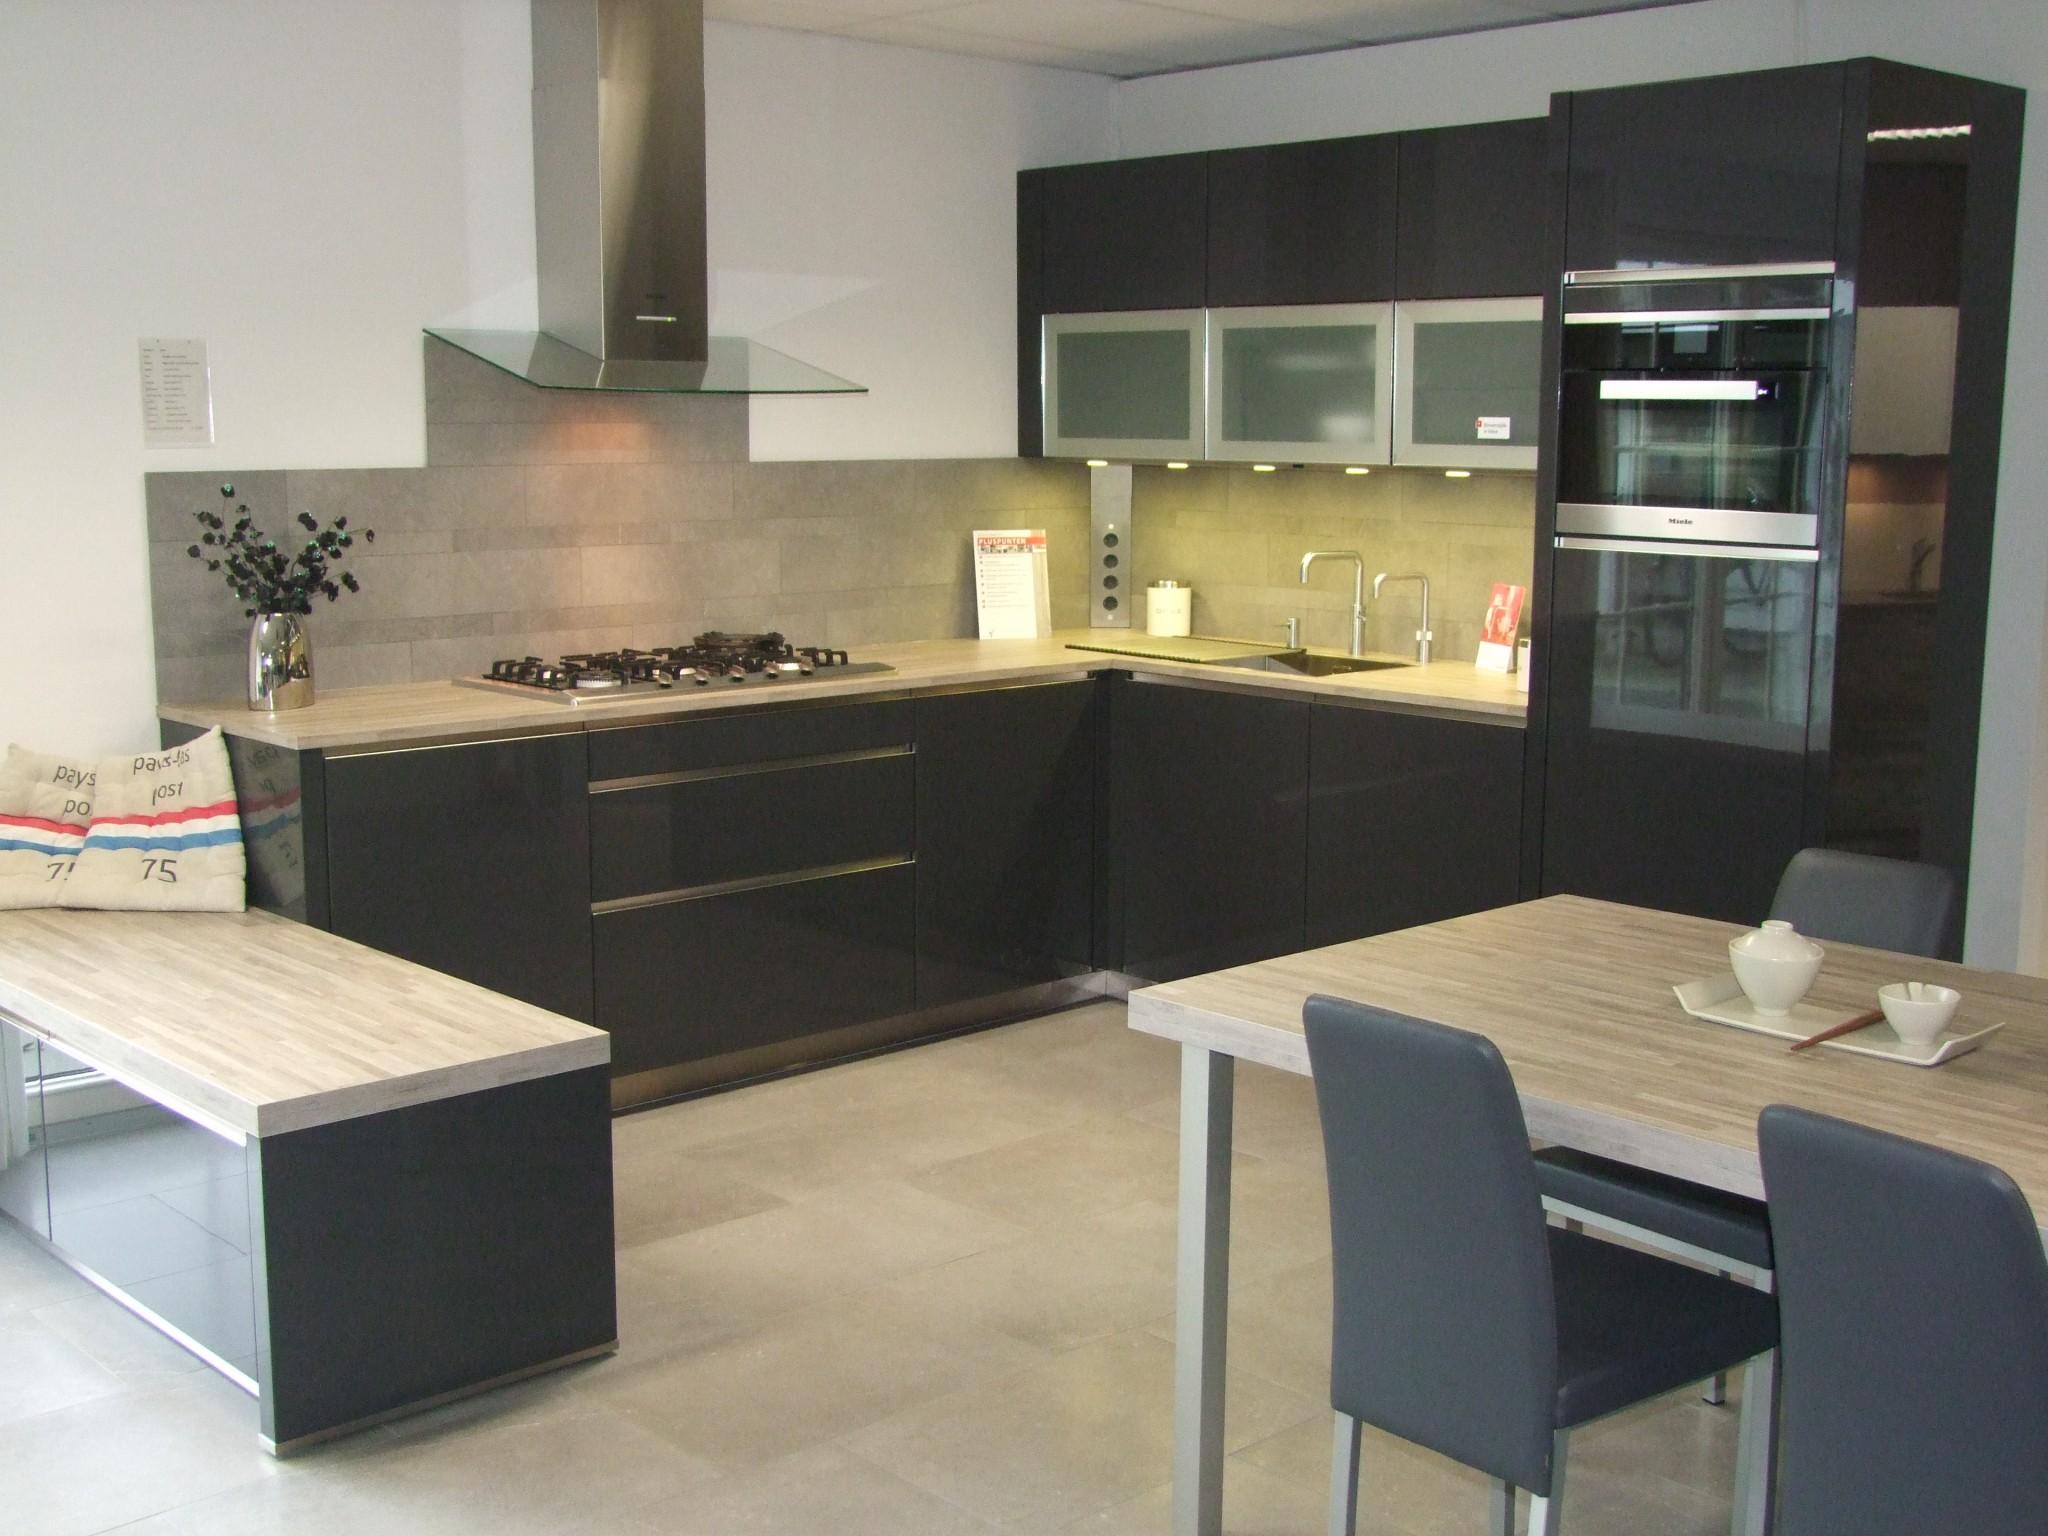 Kremer Keukens Tegels Sanitair C V : Strakke, moderne keuken van Vancel Kremer Keukens